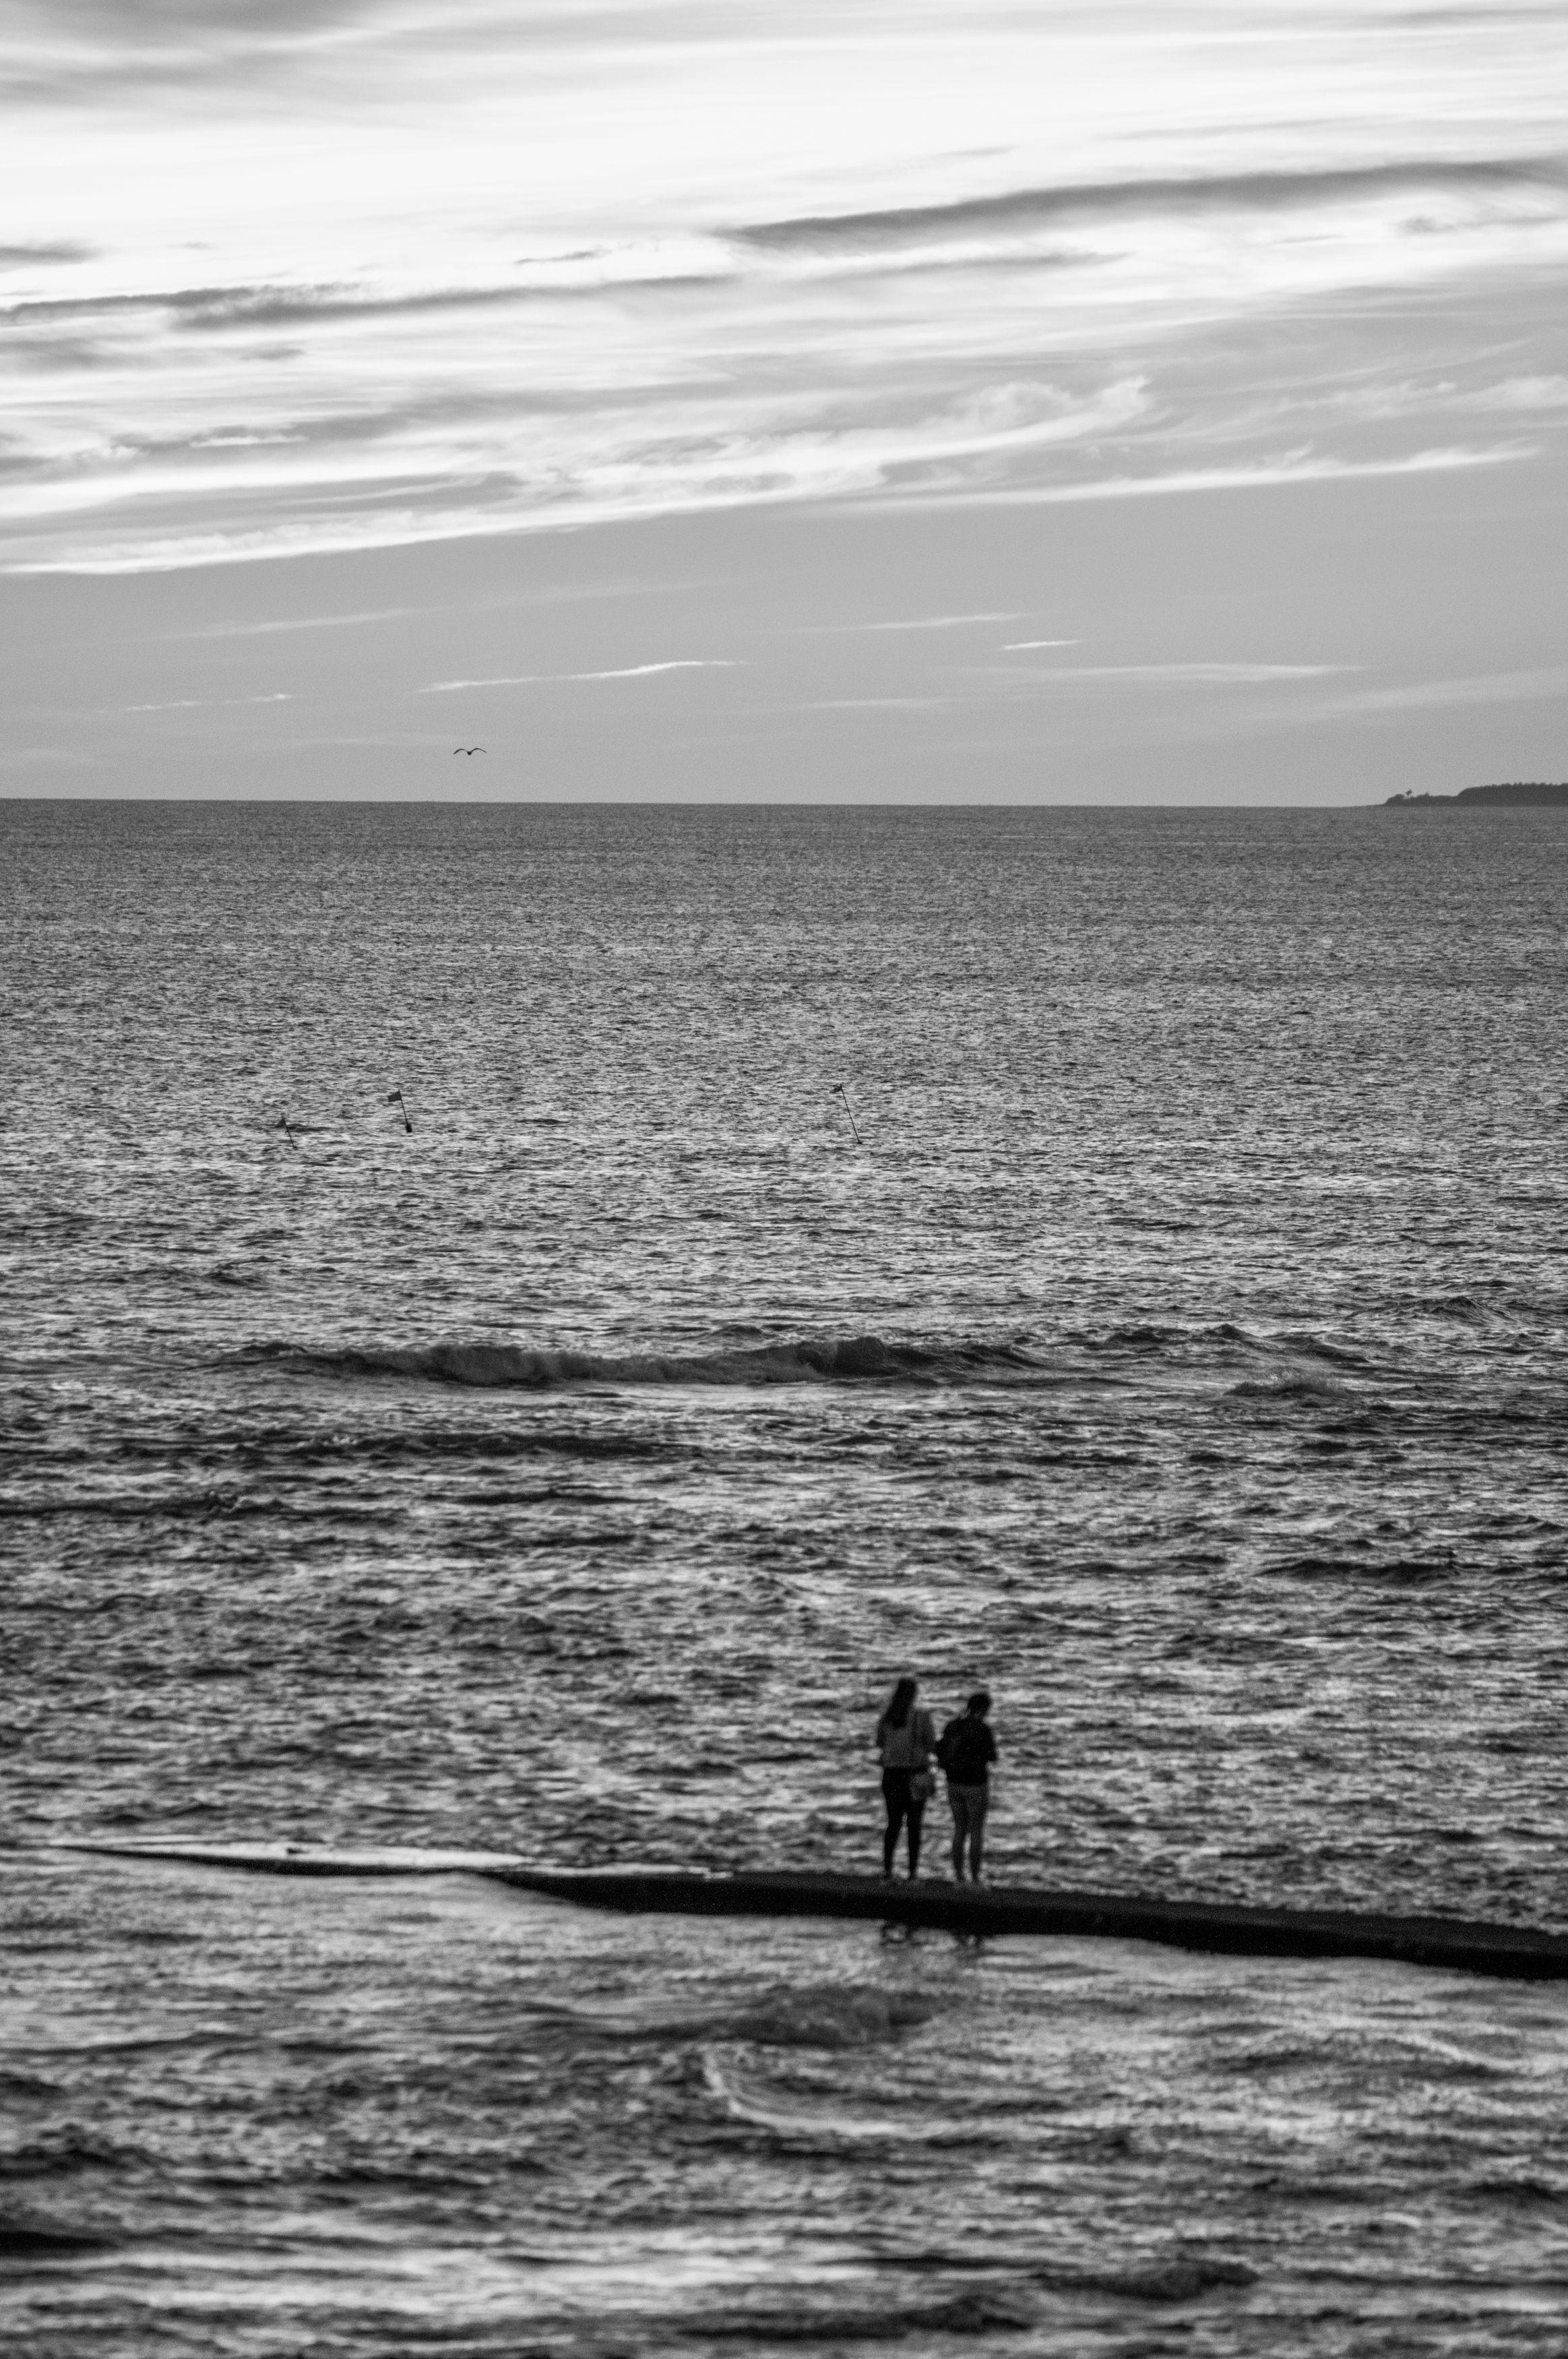 Océan Atlantique , Photographe Vendée Evazionphoto. Photo